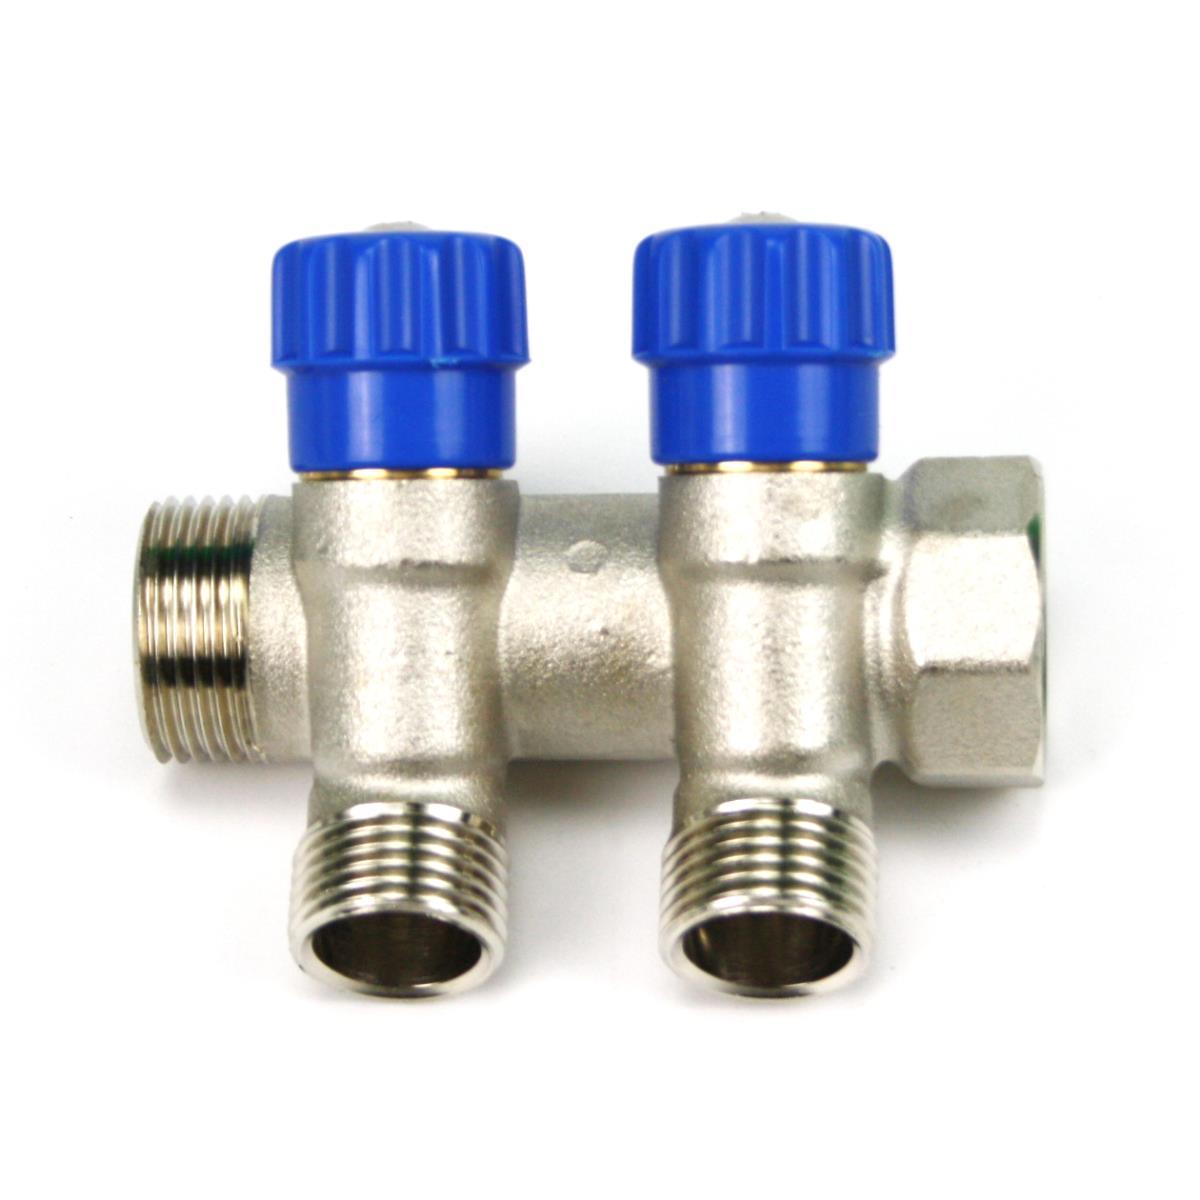 """Verteiler 2-Fach mit Absperrventil Blau Sanitär 3/4"""" x 1/2"""" Wasser Heizung  ,Poletti,C32200QB35, 8025459043837"""